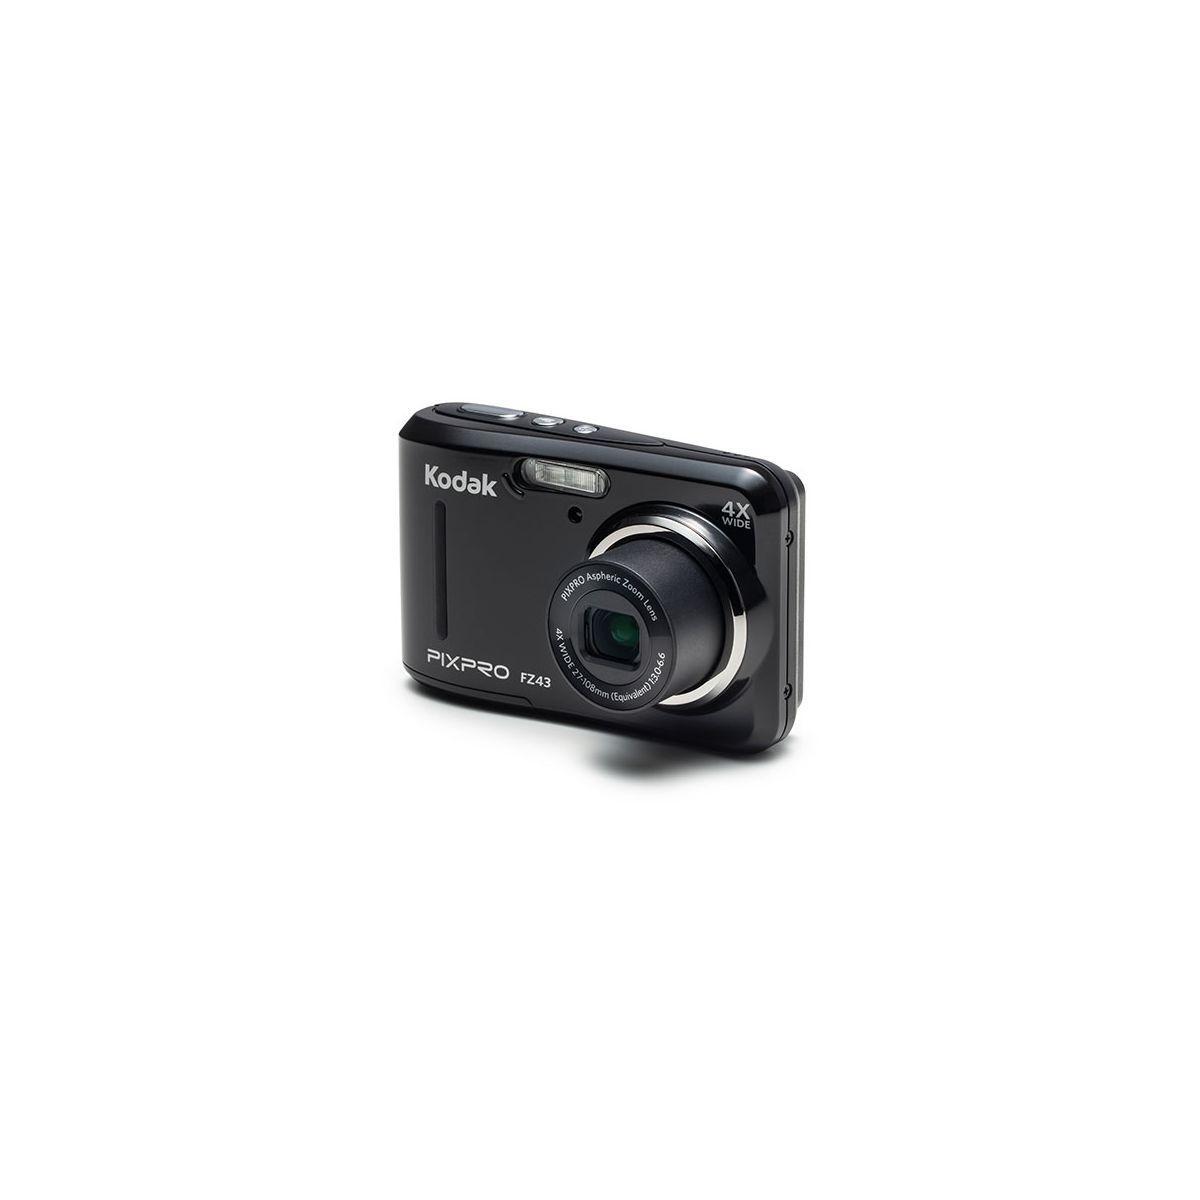 Appareil photo compact kodak pixpro fz43 noir - 2% de remise imm�diate avec le code : school2 (photo)